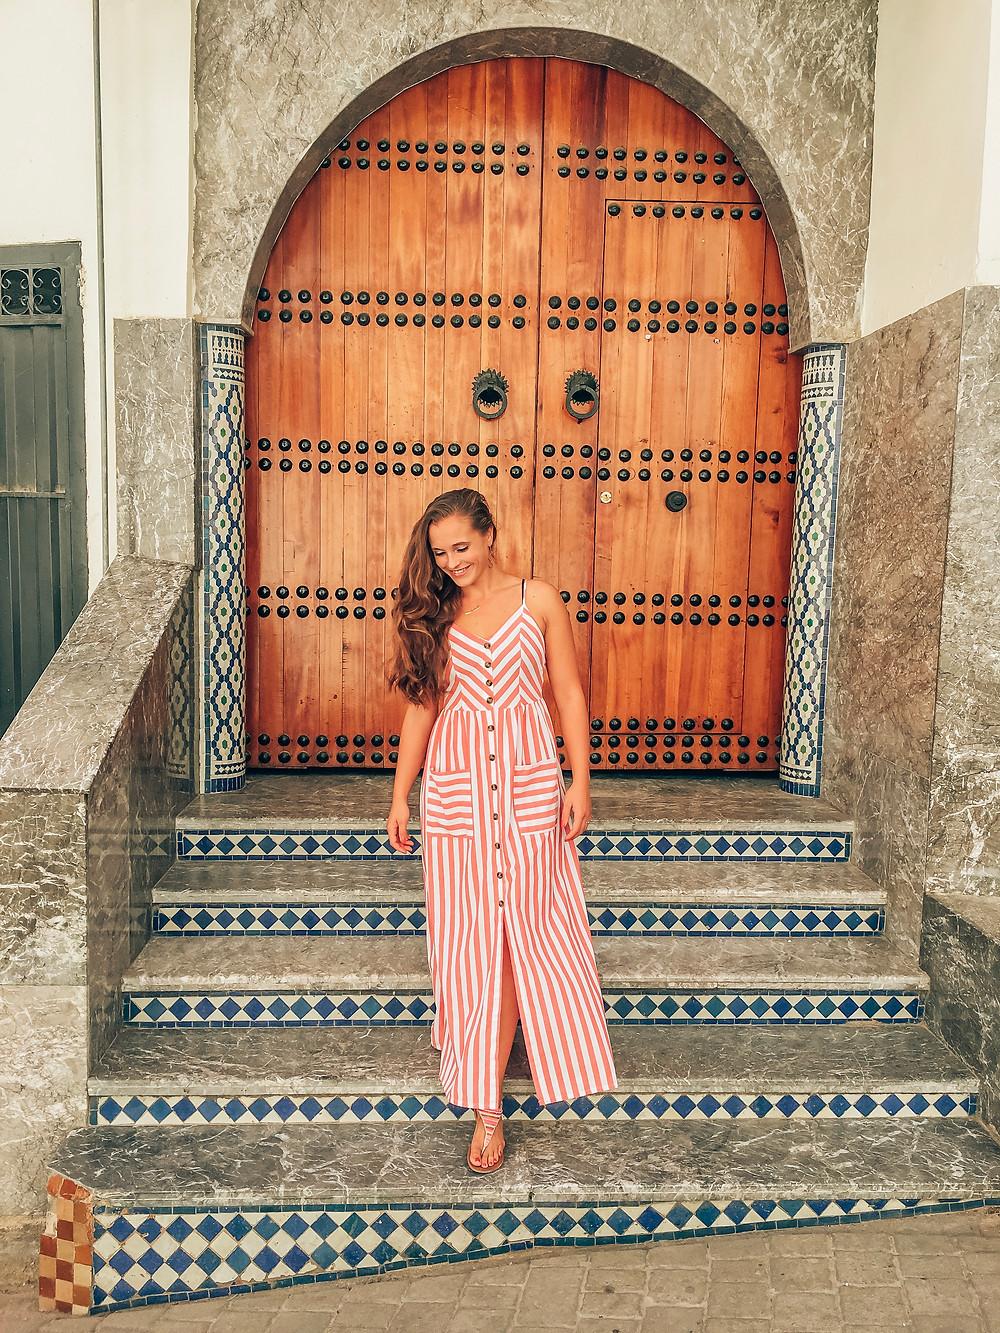 Marokko-Kleidung-Frauen